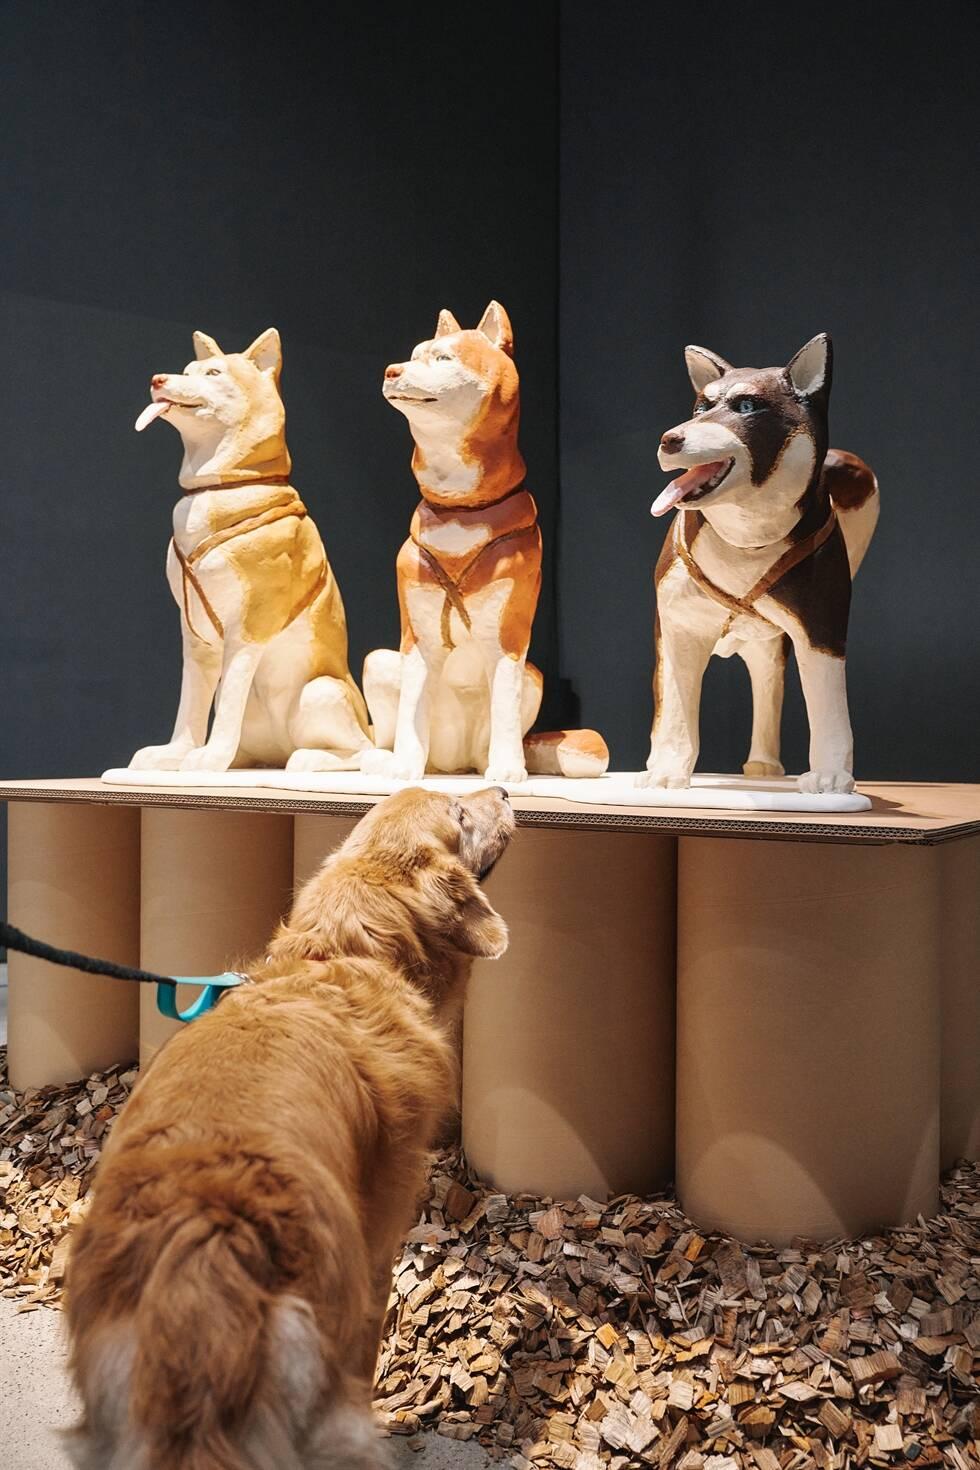 Museu de arte na Coreia do Sul cria exposição para cães